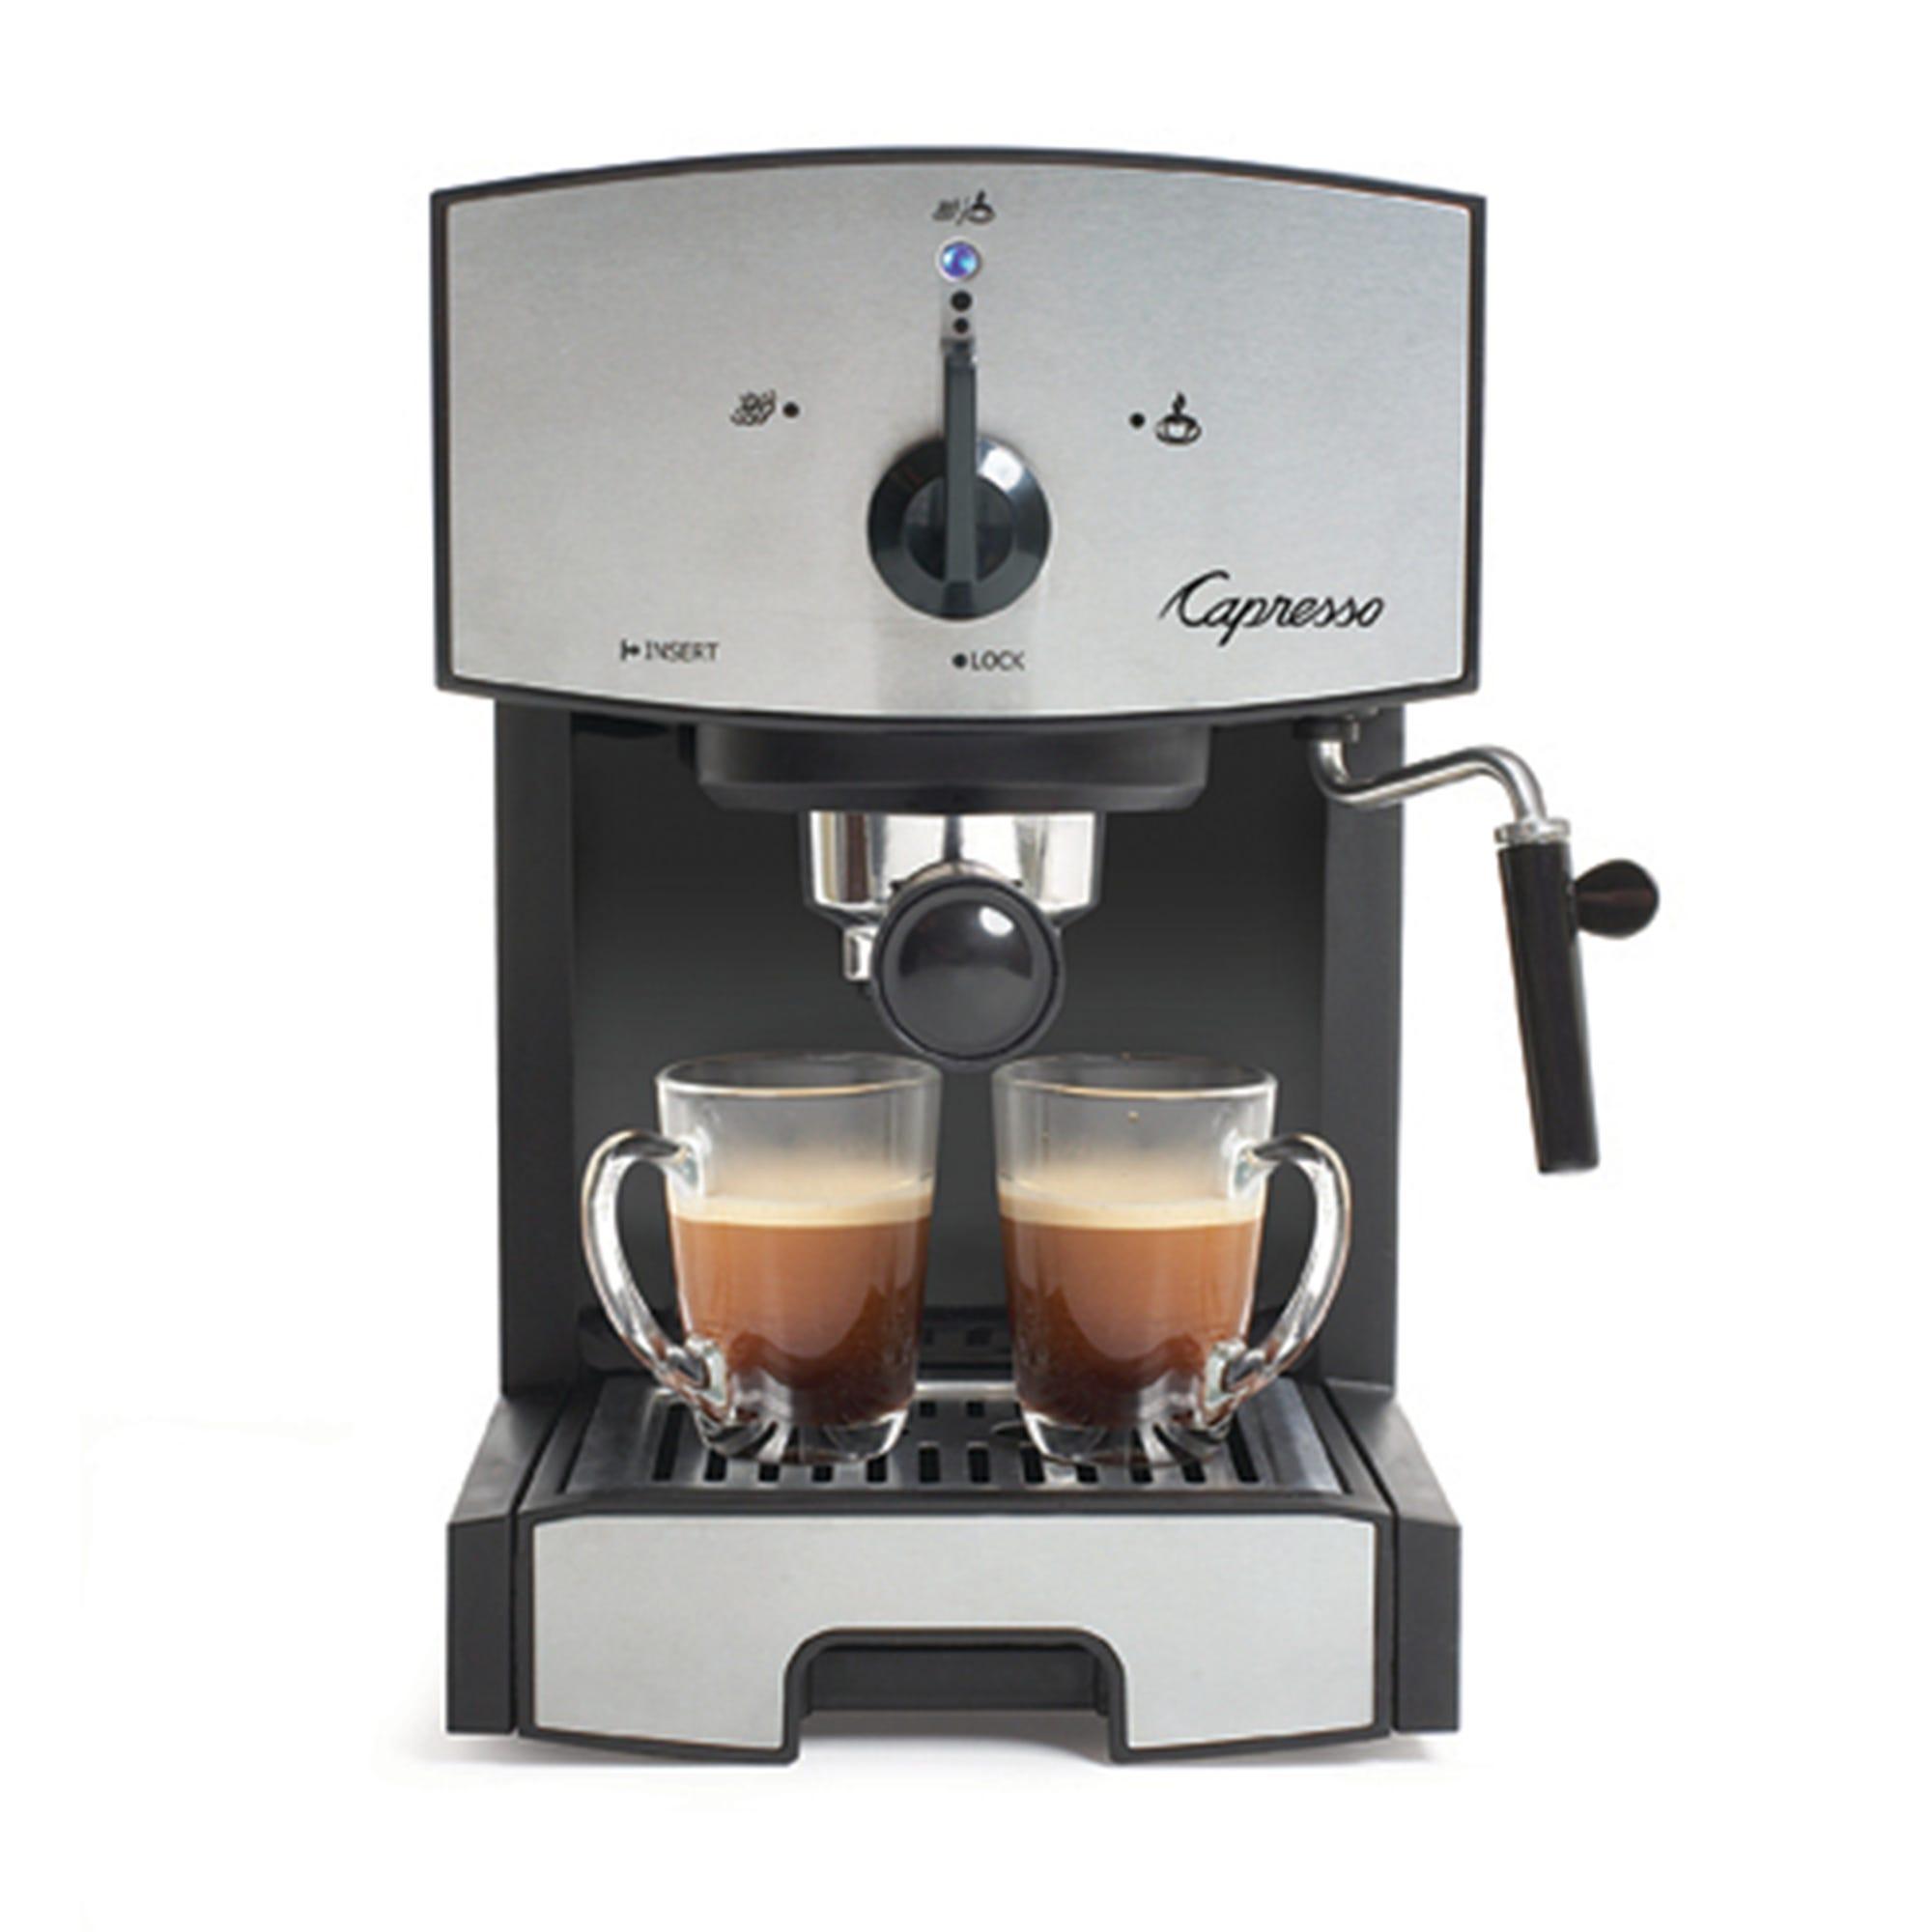 Cafetera de acero inoxidable Capresso® EC50, con bomba para expresso y capuchino